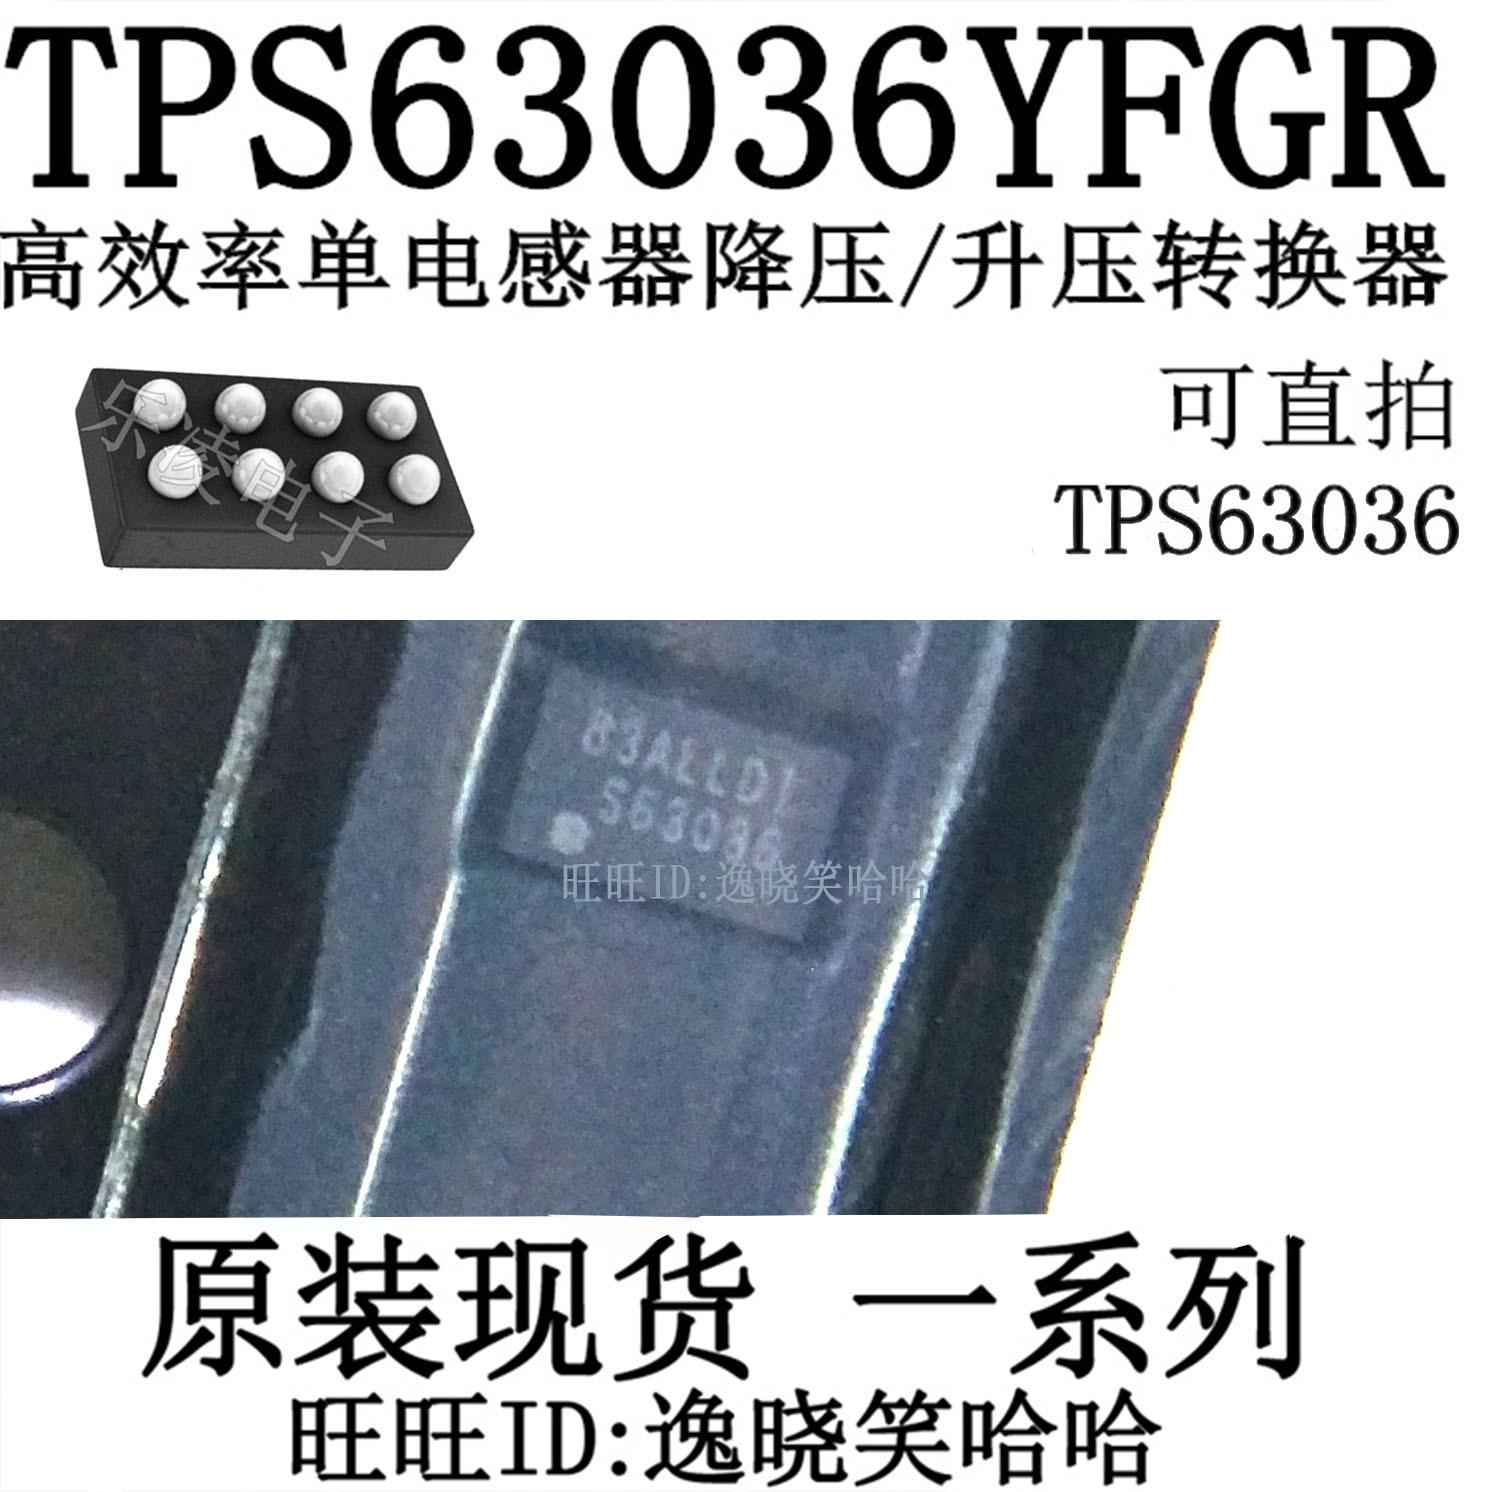 شحن مجاني TPS63036 TPS63036YFGR - WCSP8 10 قطعة